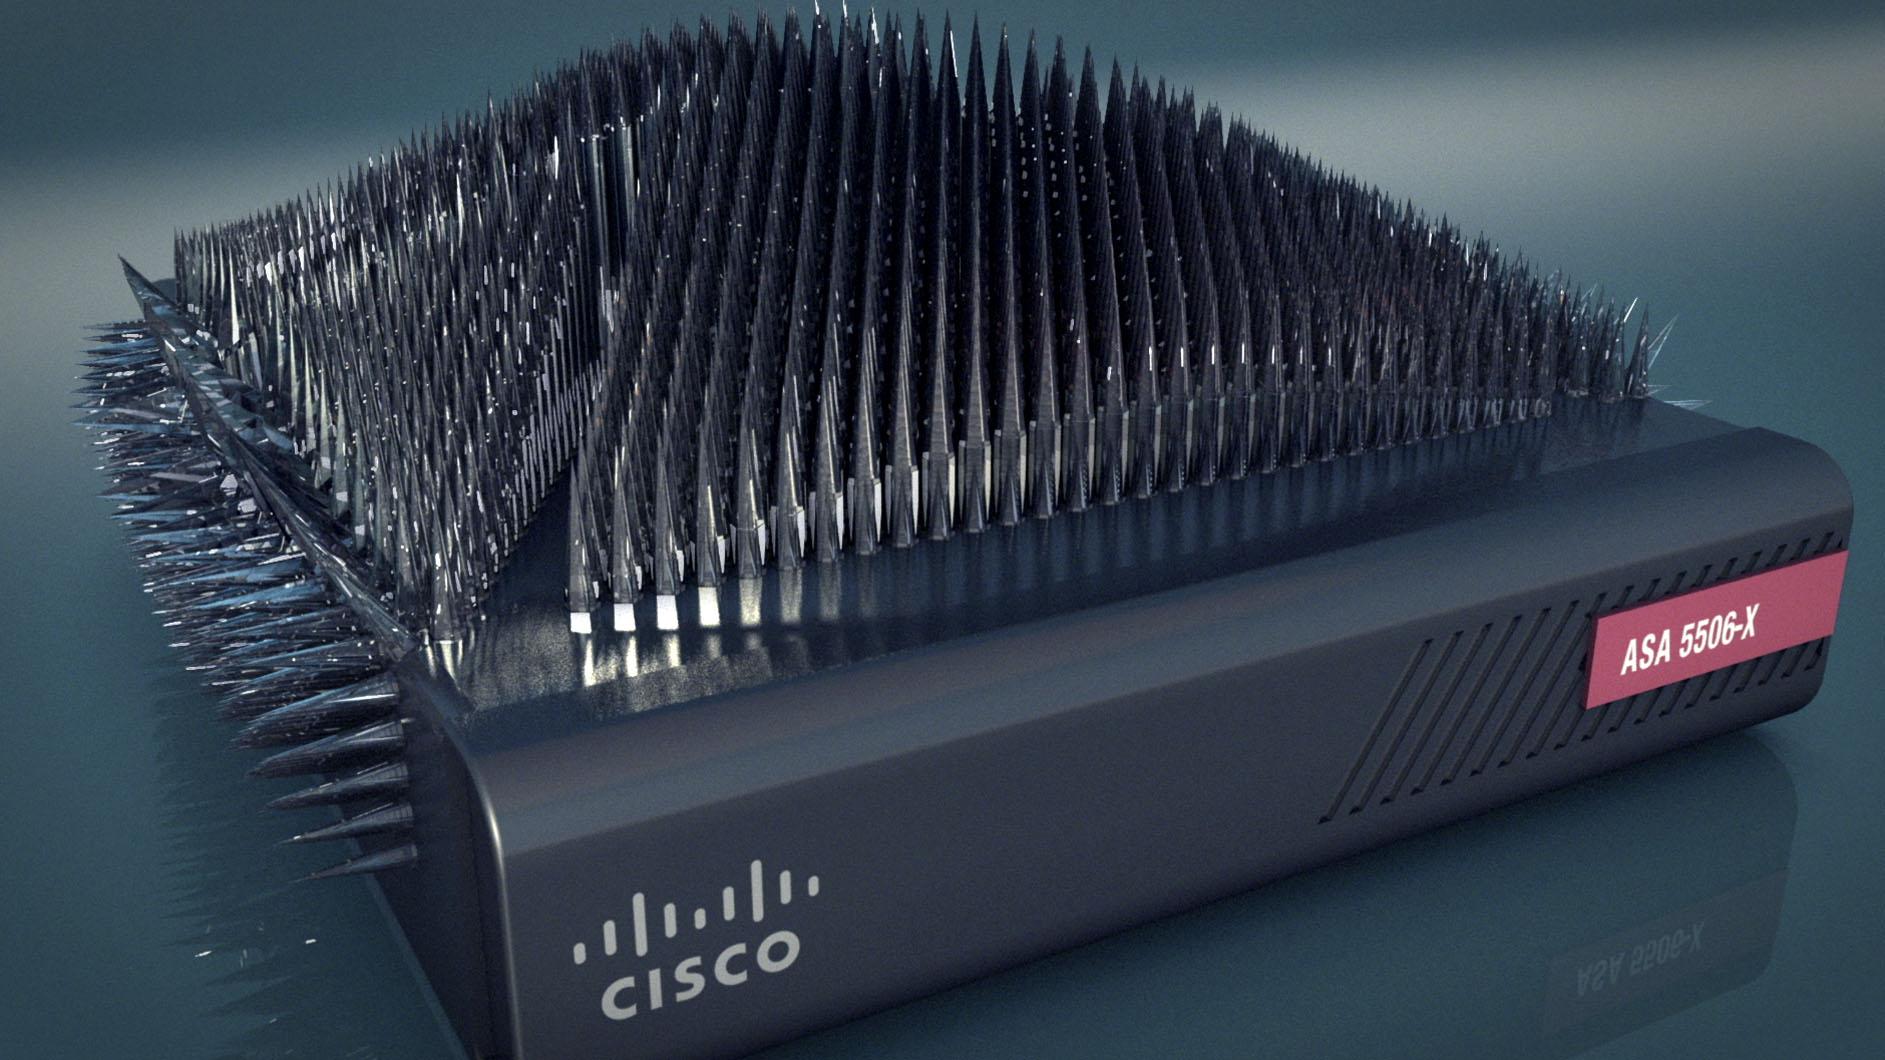 Cisco 5506x campaign